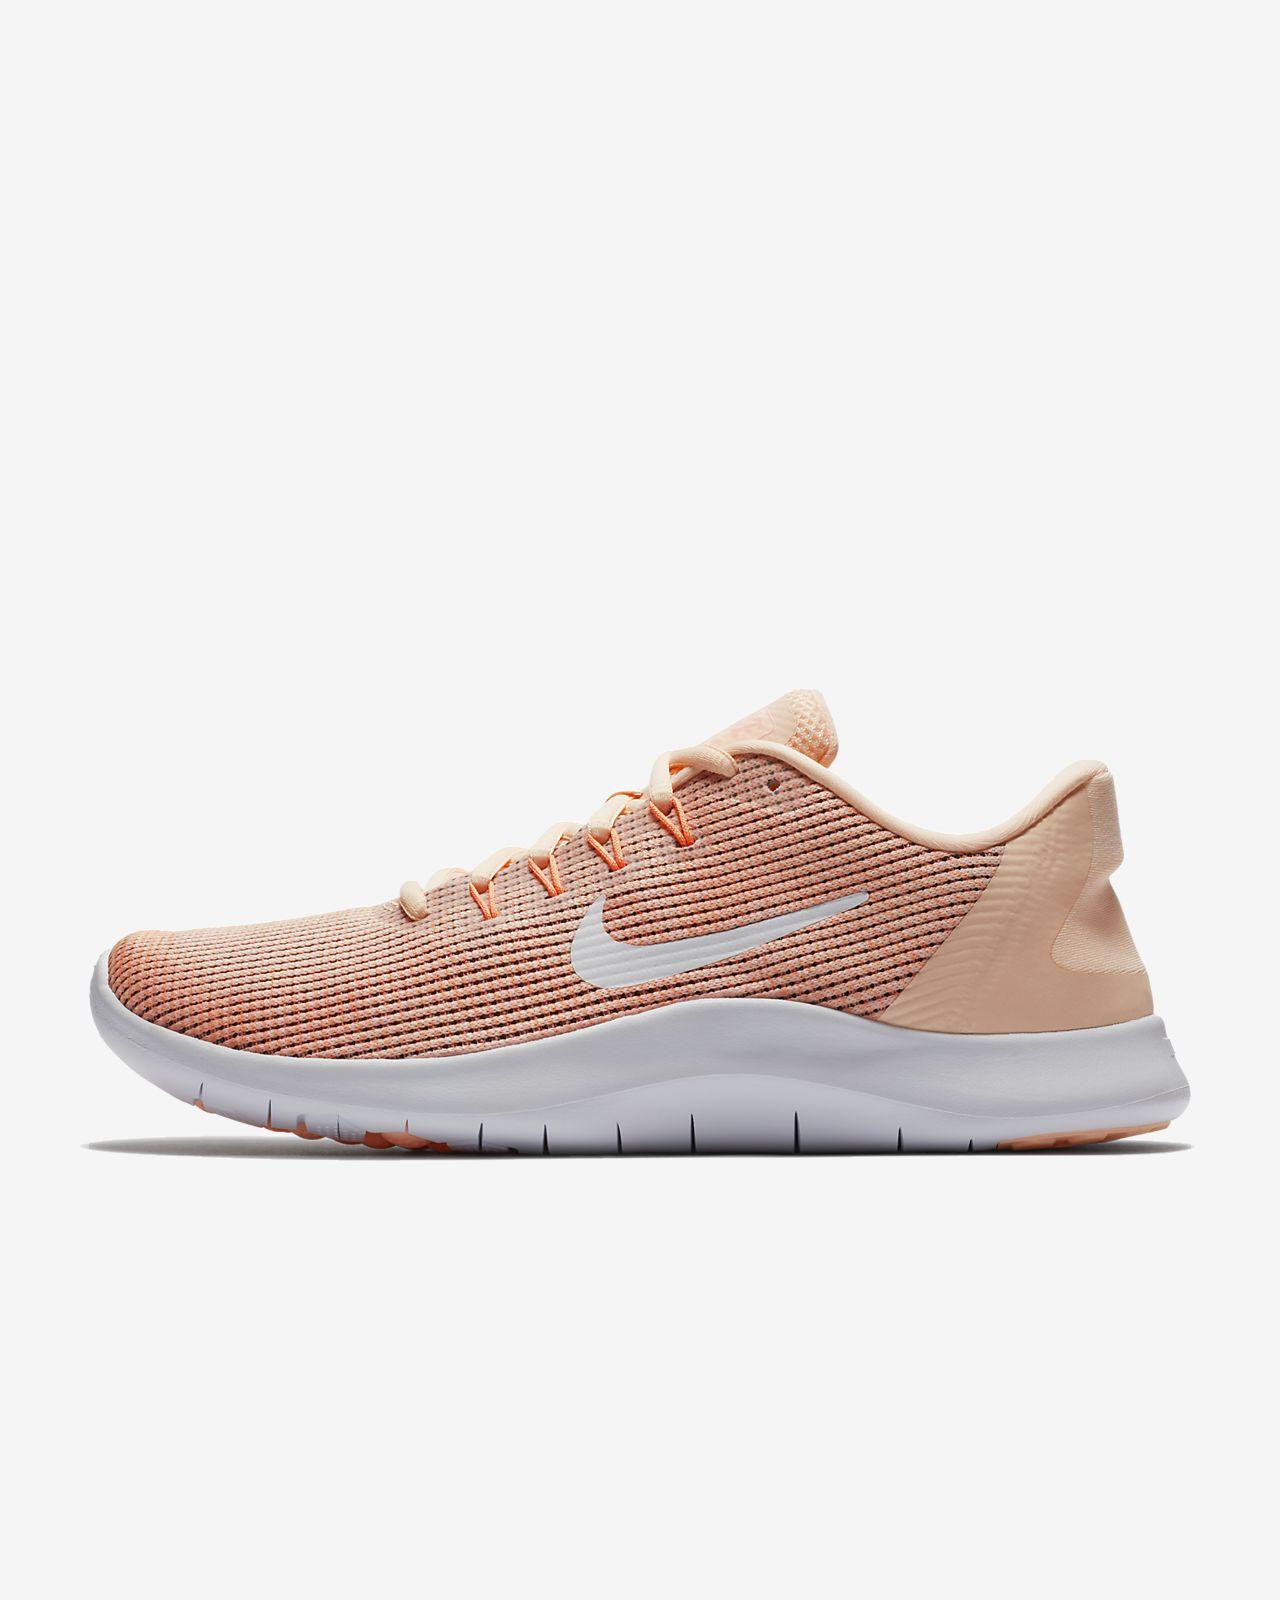 7384716e2c9c Nike Flex RN 2018 Women s Running Shoe. Nike.com CH